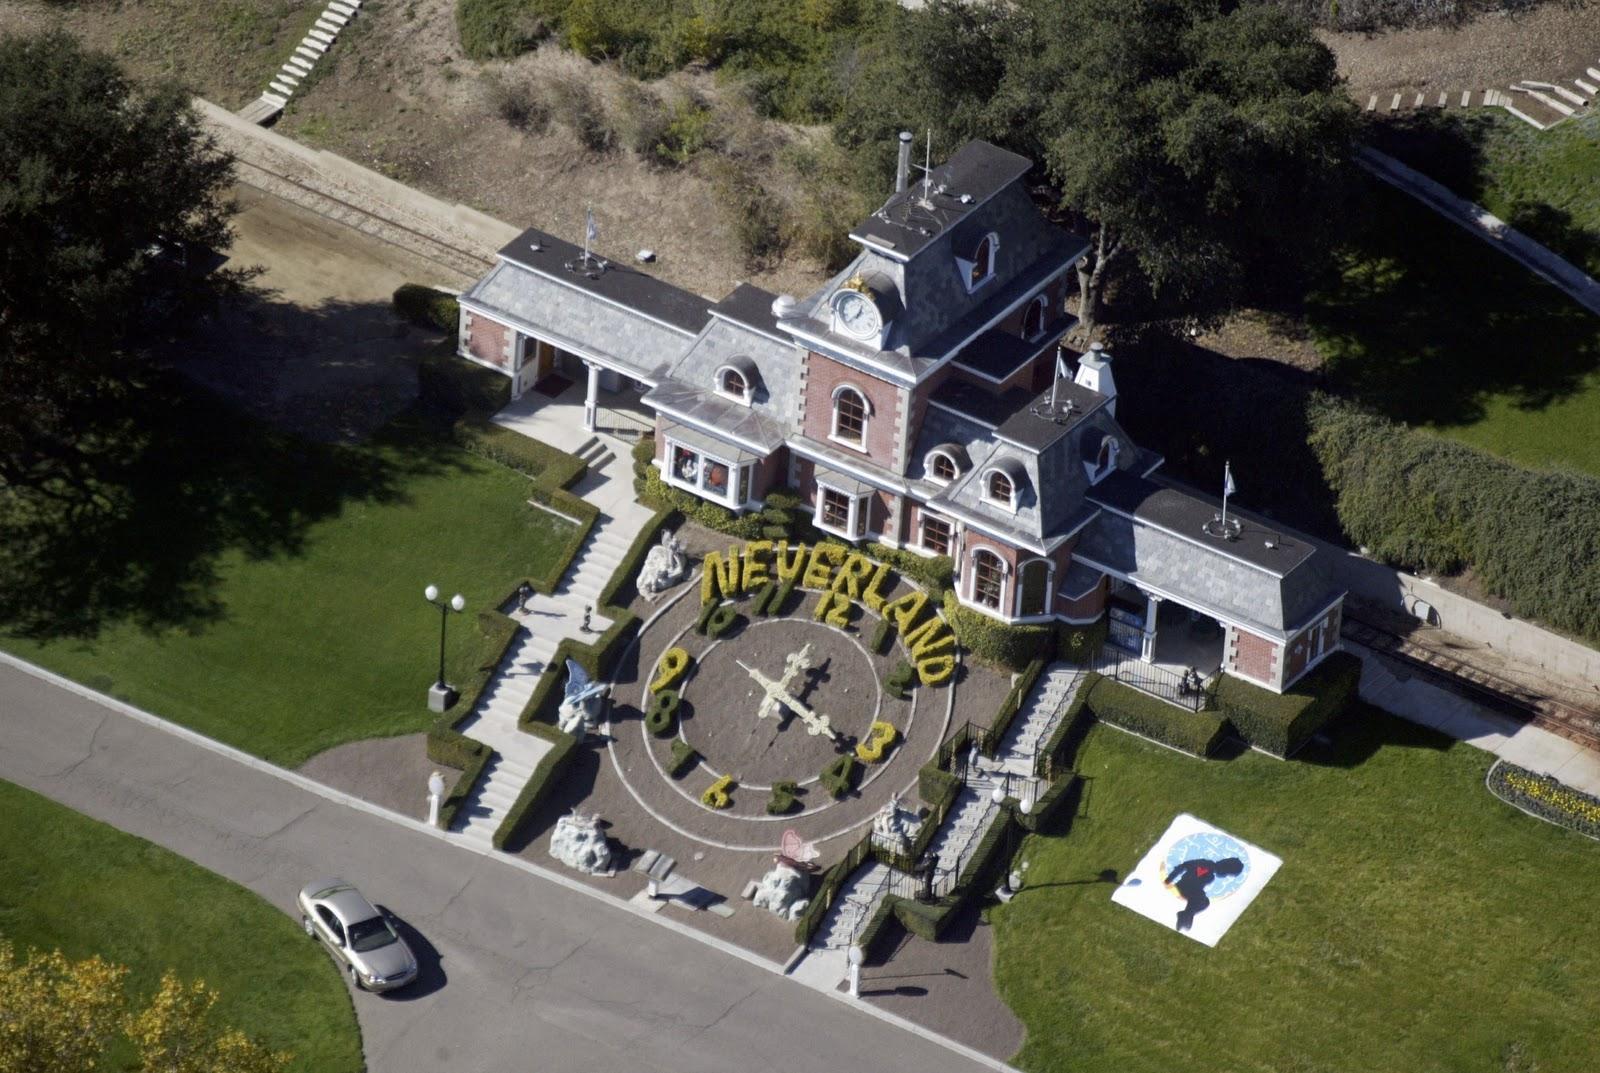 http://3.bp.blogspot.com/-FjY7FmAyo-I/Tq_KeJGIieI/AAAAAAAABBA/pfzMpSyGFXs/s1600/Neverland%252C+Michael+Jackson.JPG